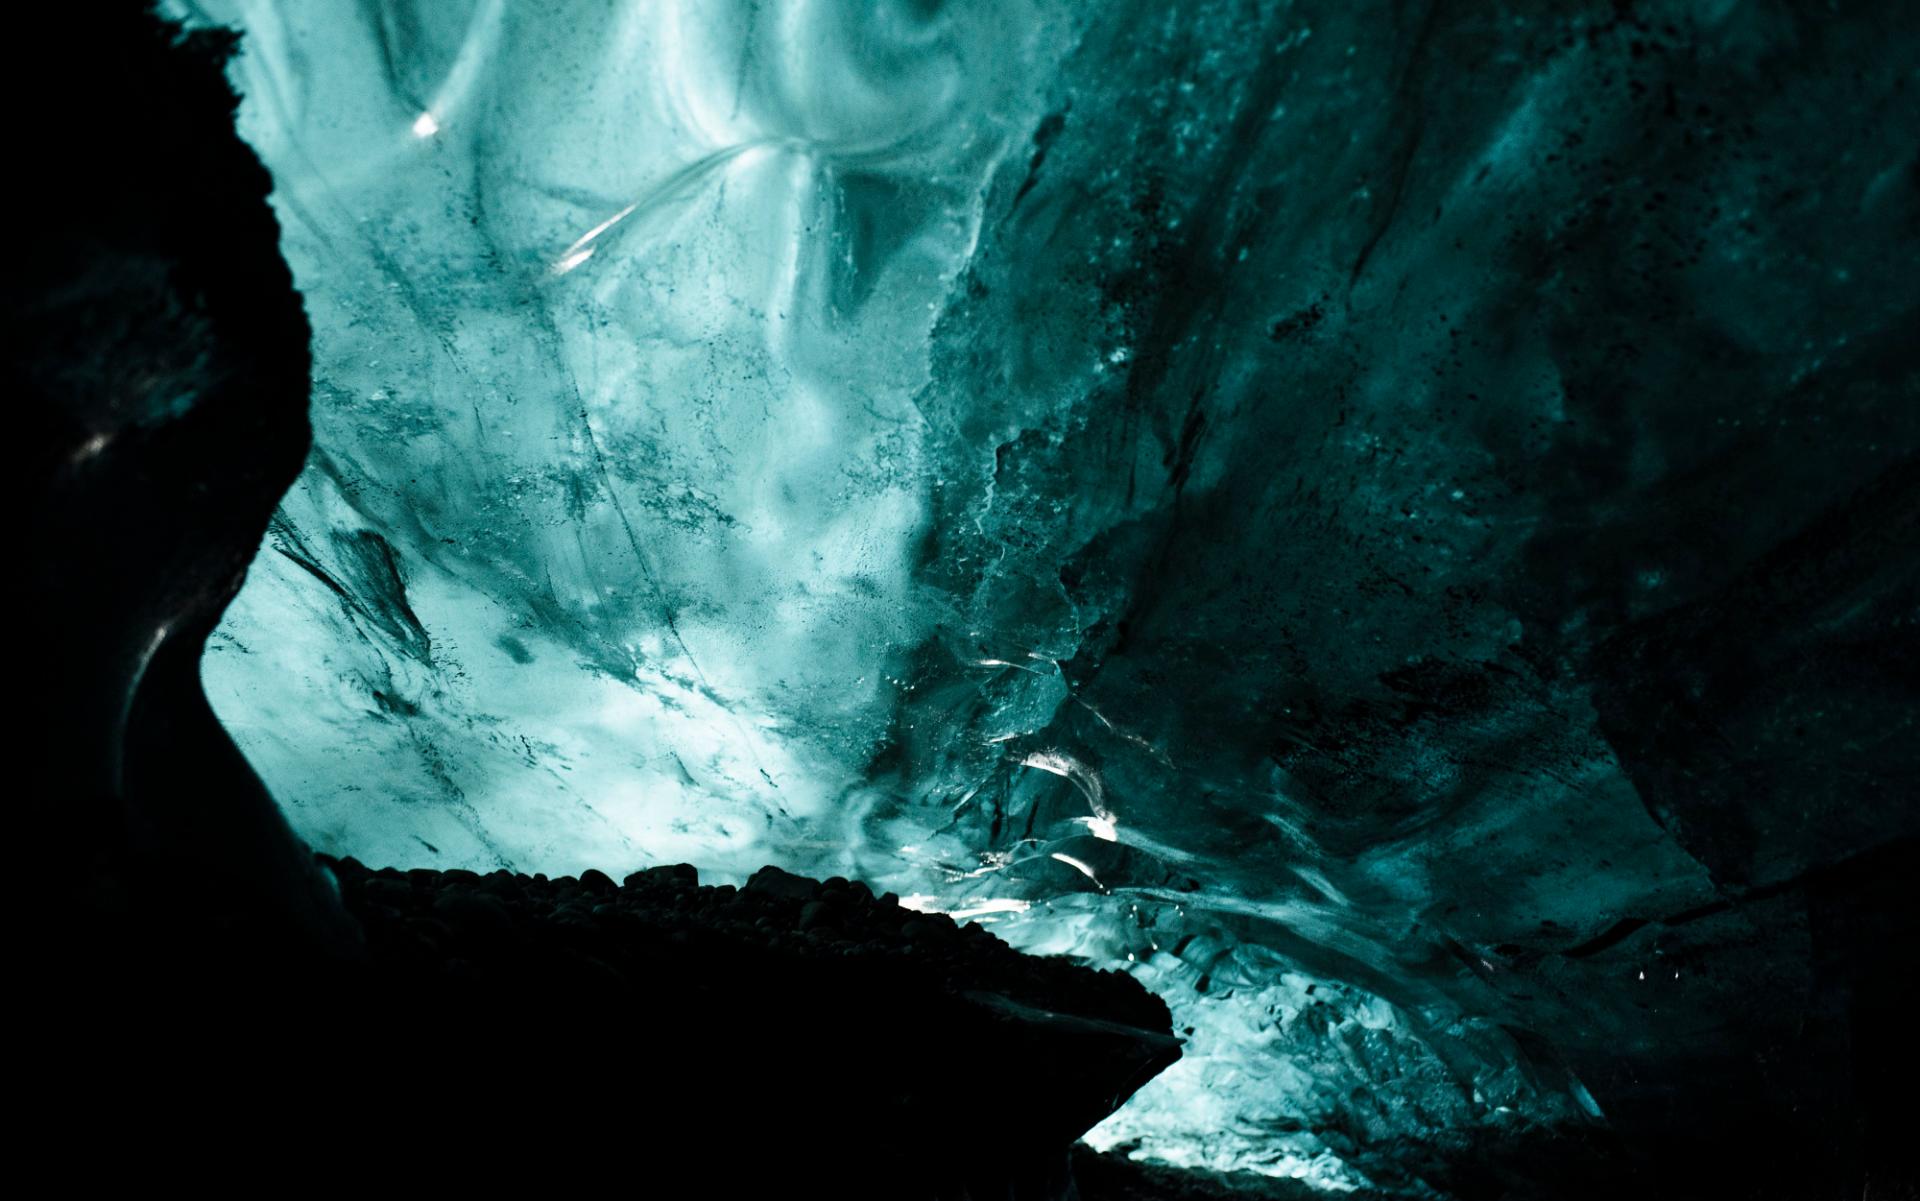 Grotta av blå is på Island